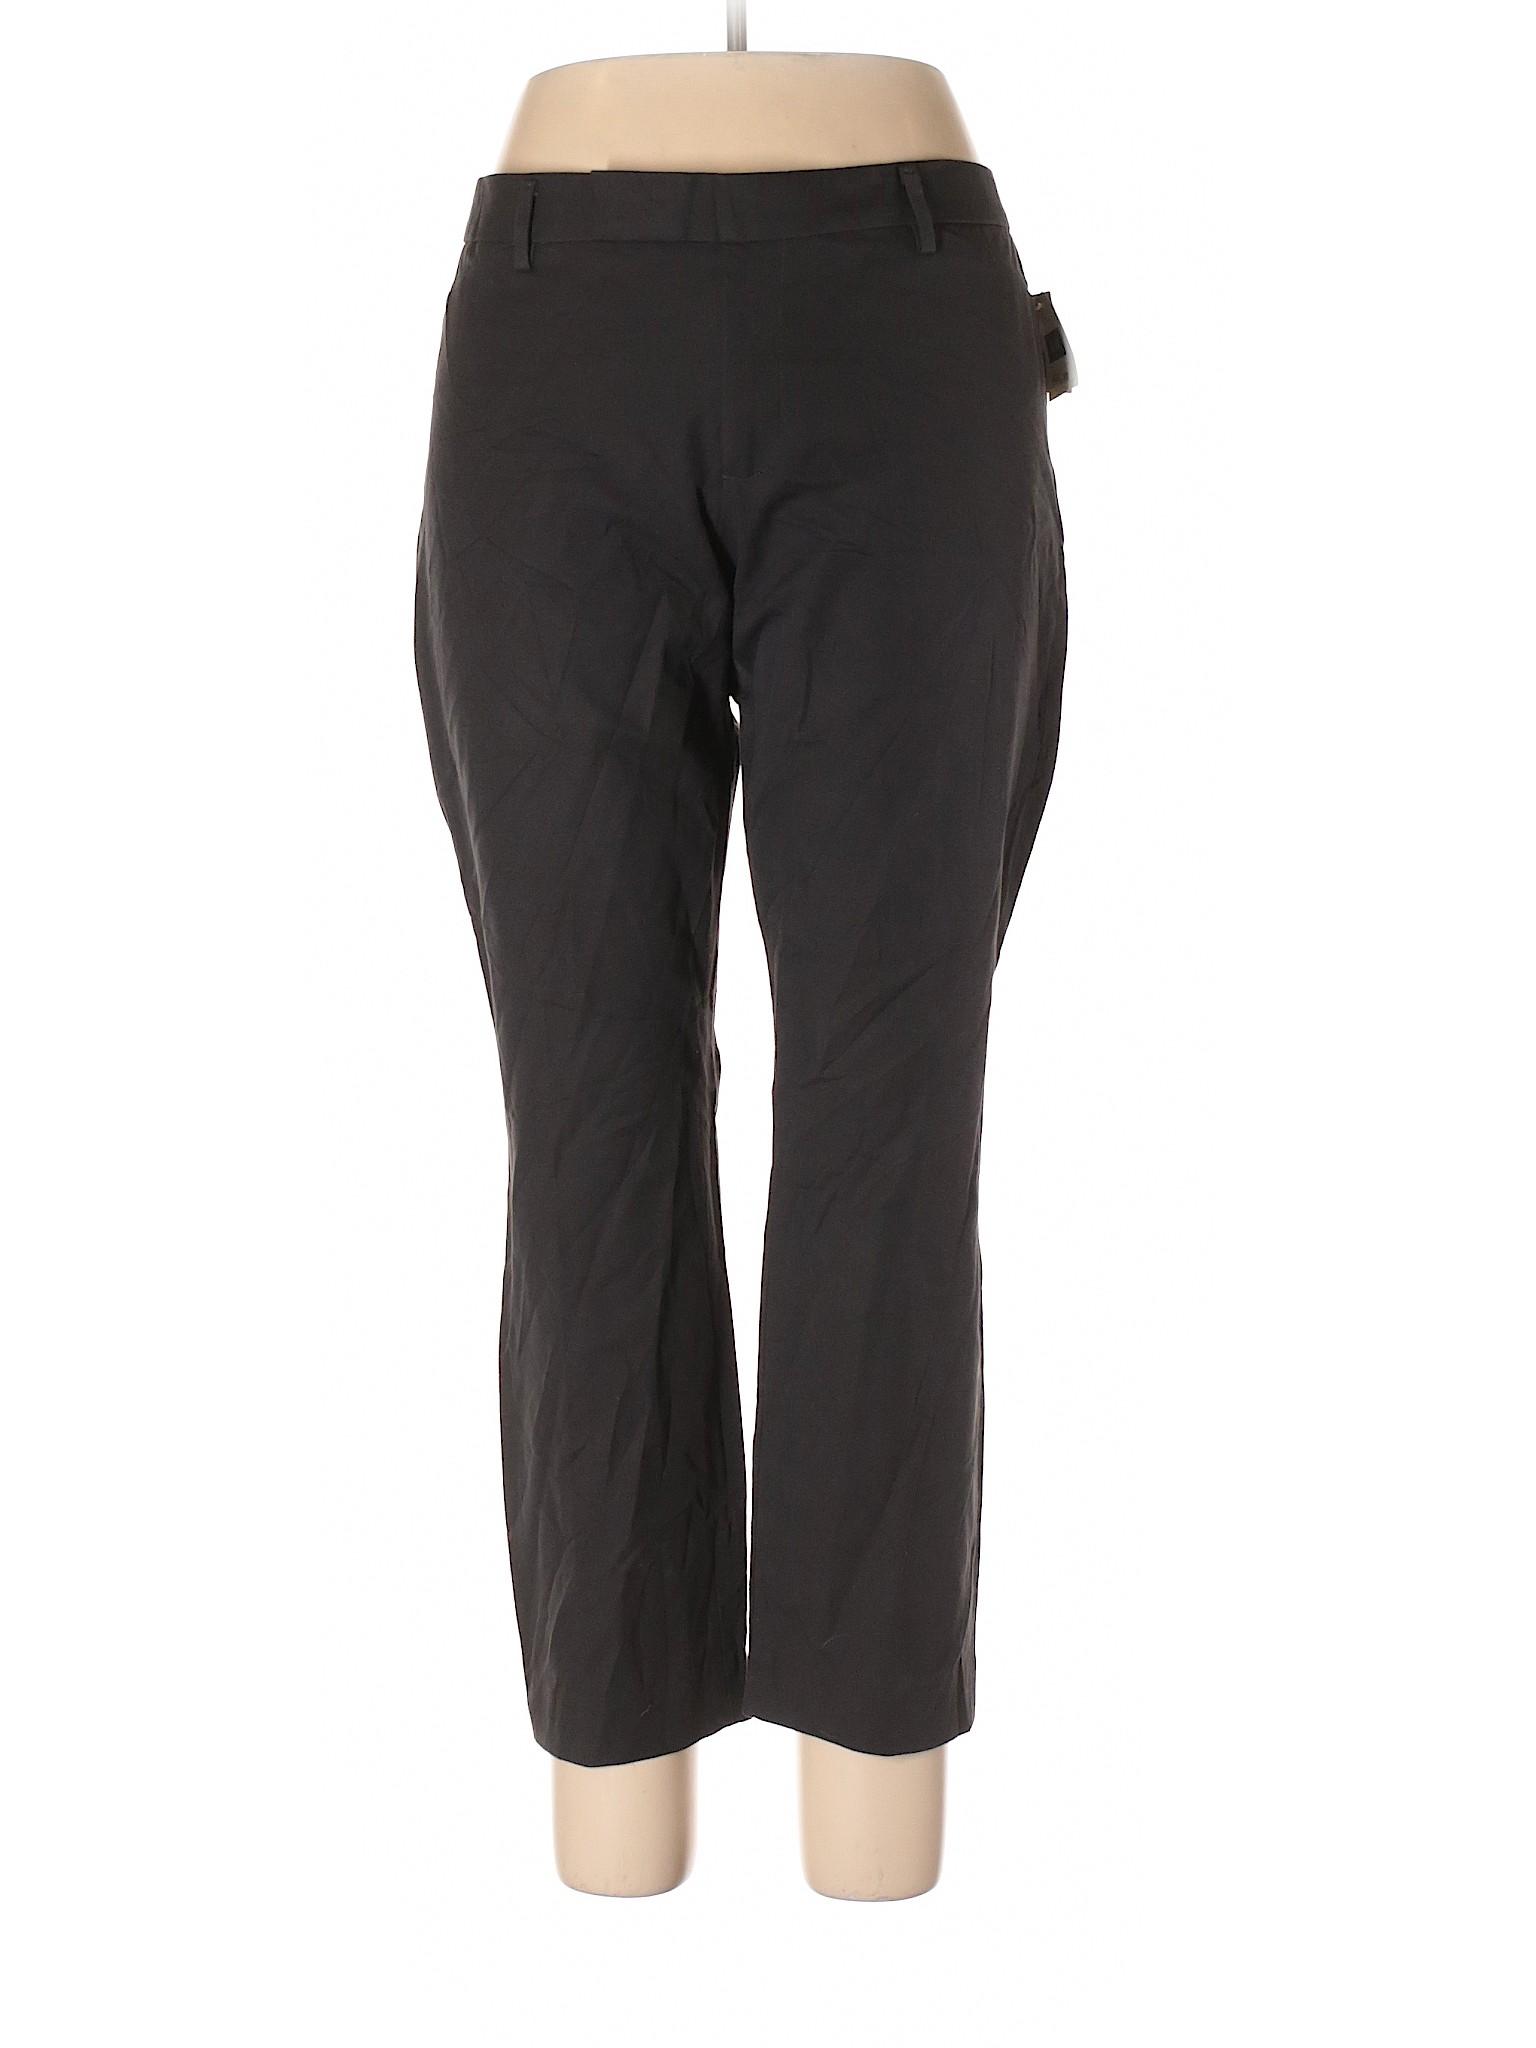 Dress Gap Boutique Pants Boutique Dress winter winter Gap Pants pqw0TBn